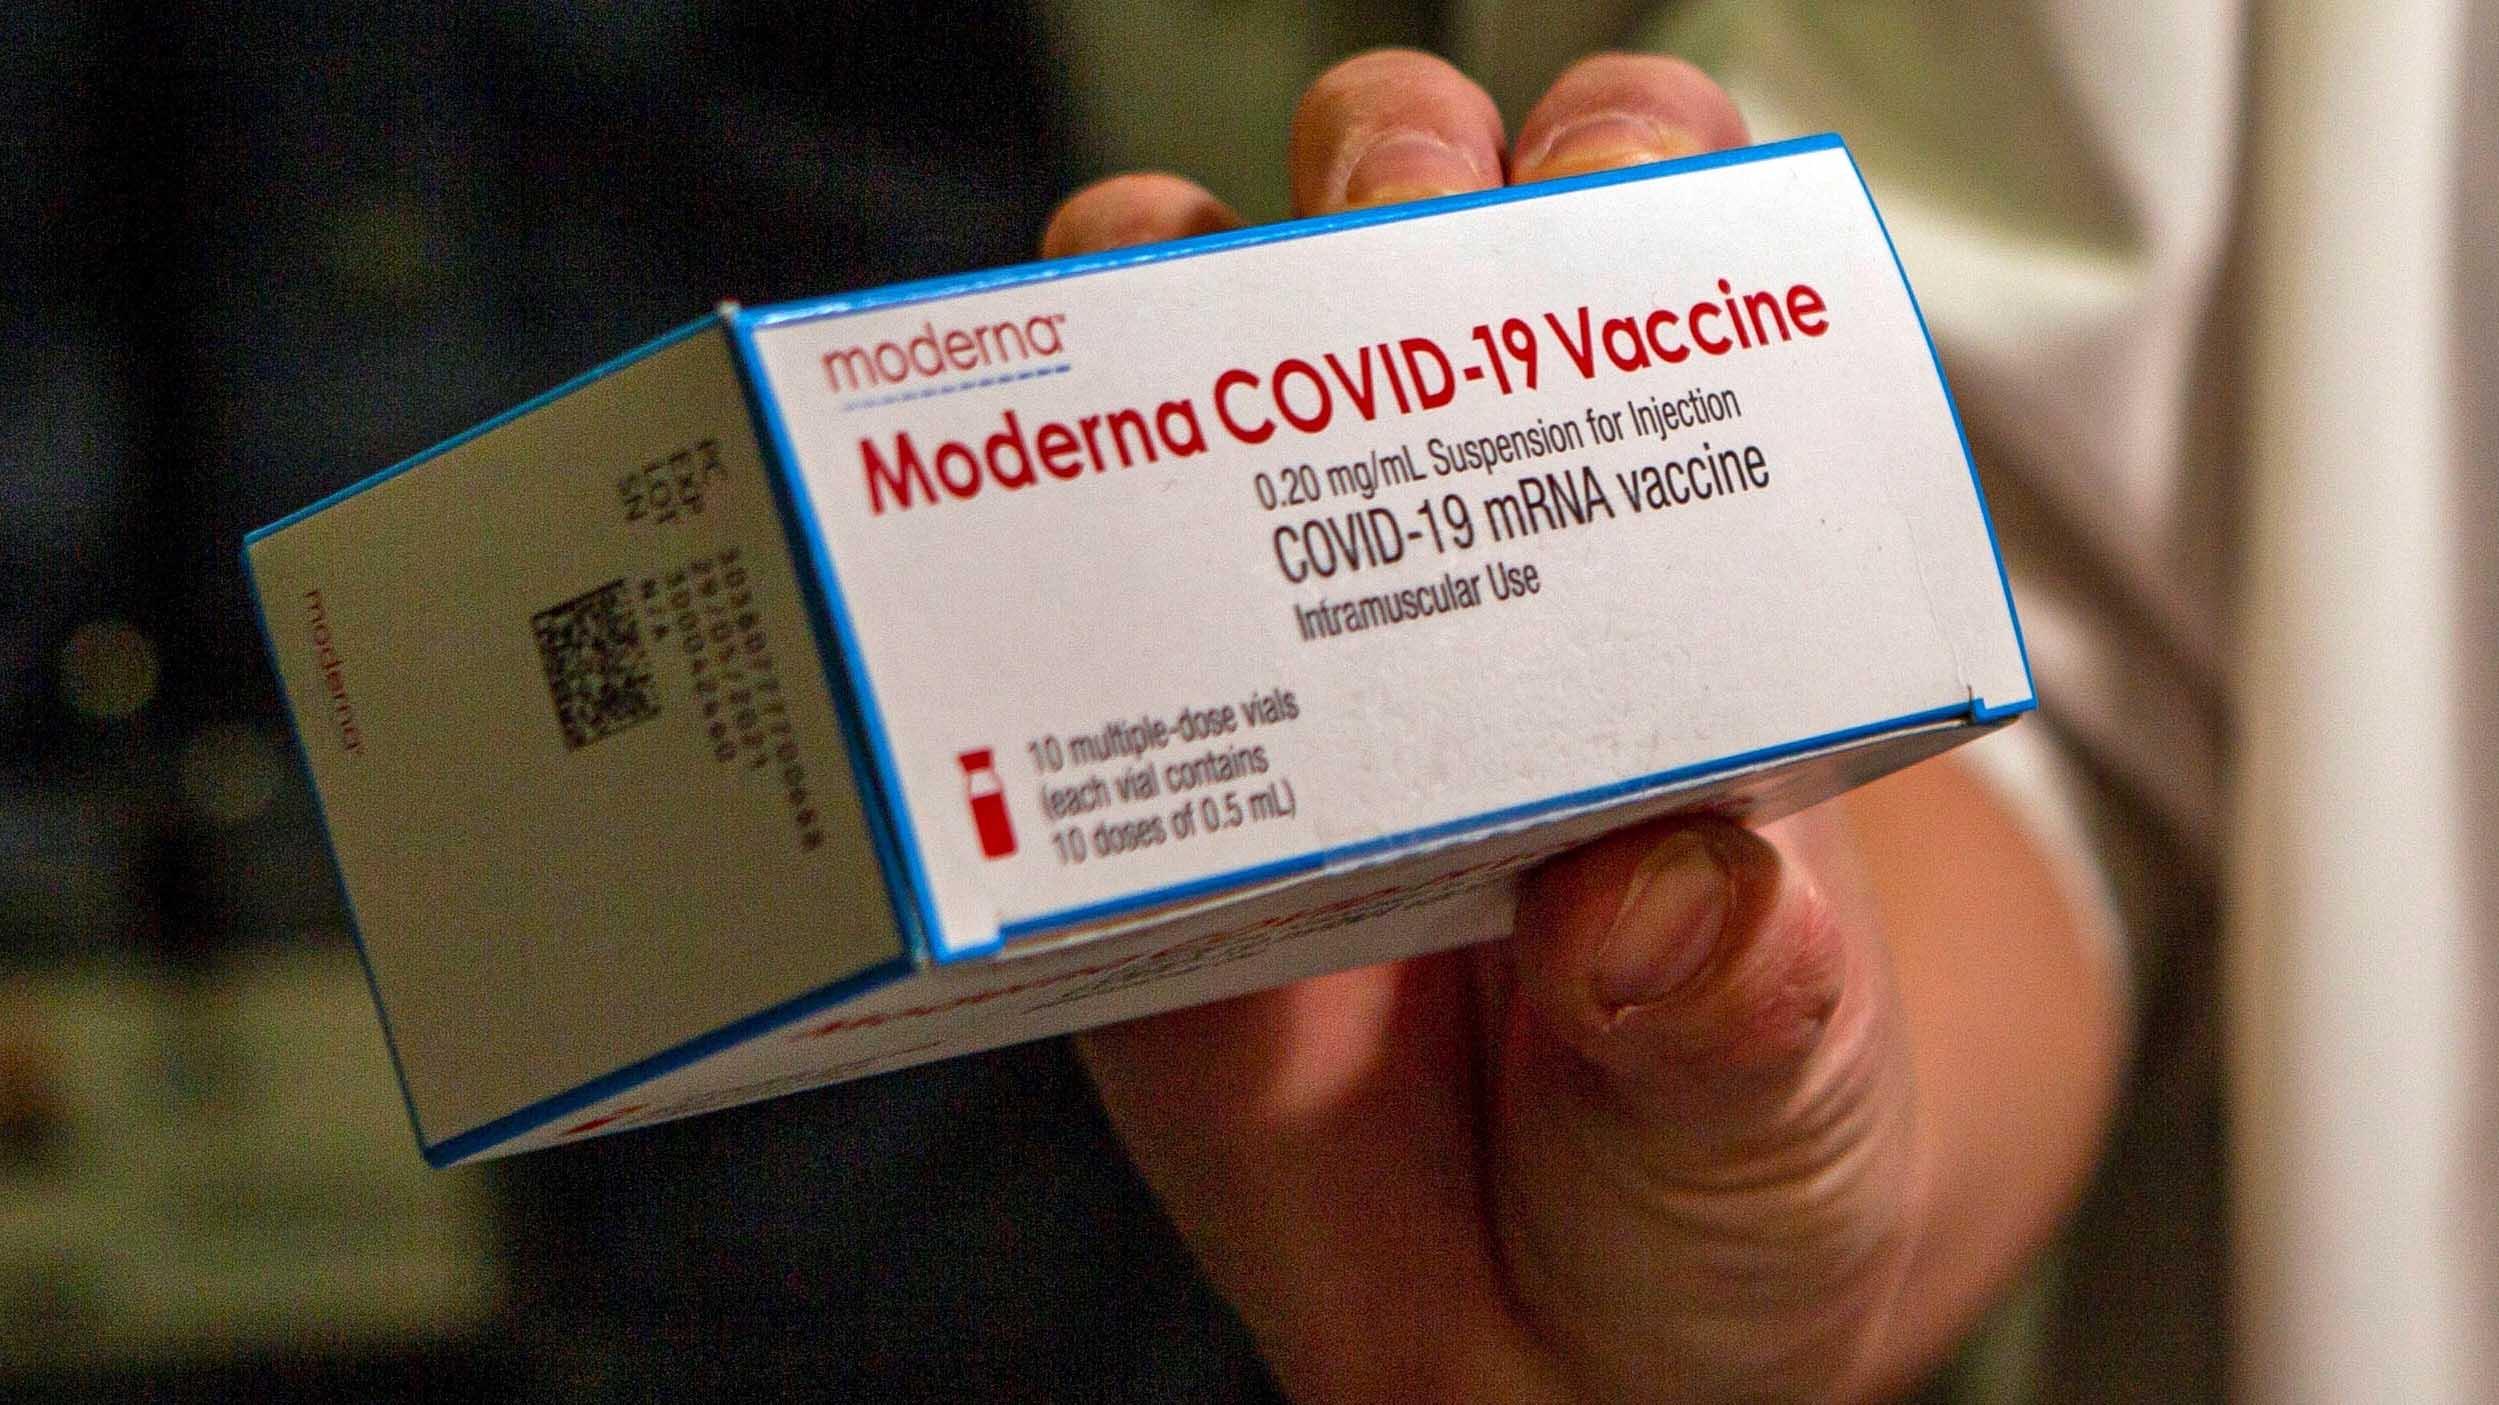 Moderna dice que su vacuna contra el COVID-19 tiene una efectividad del 96% en adolescentes